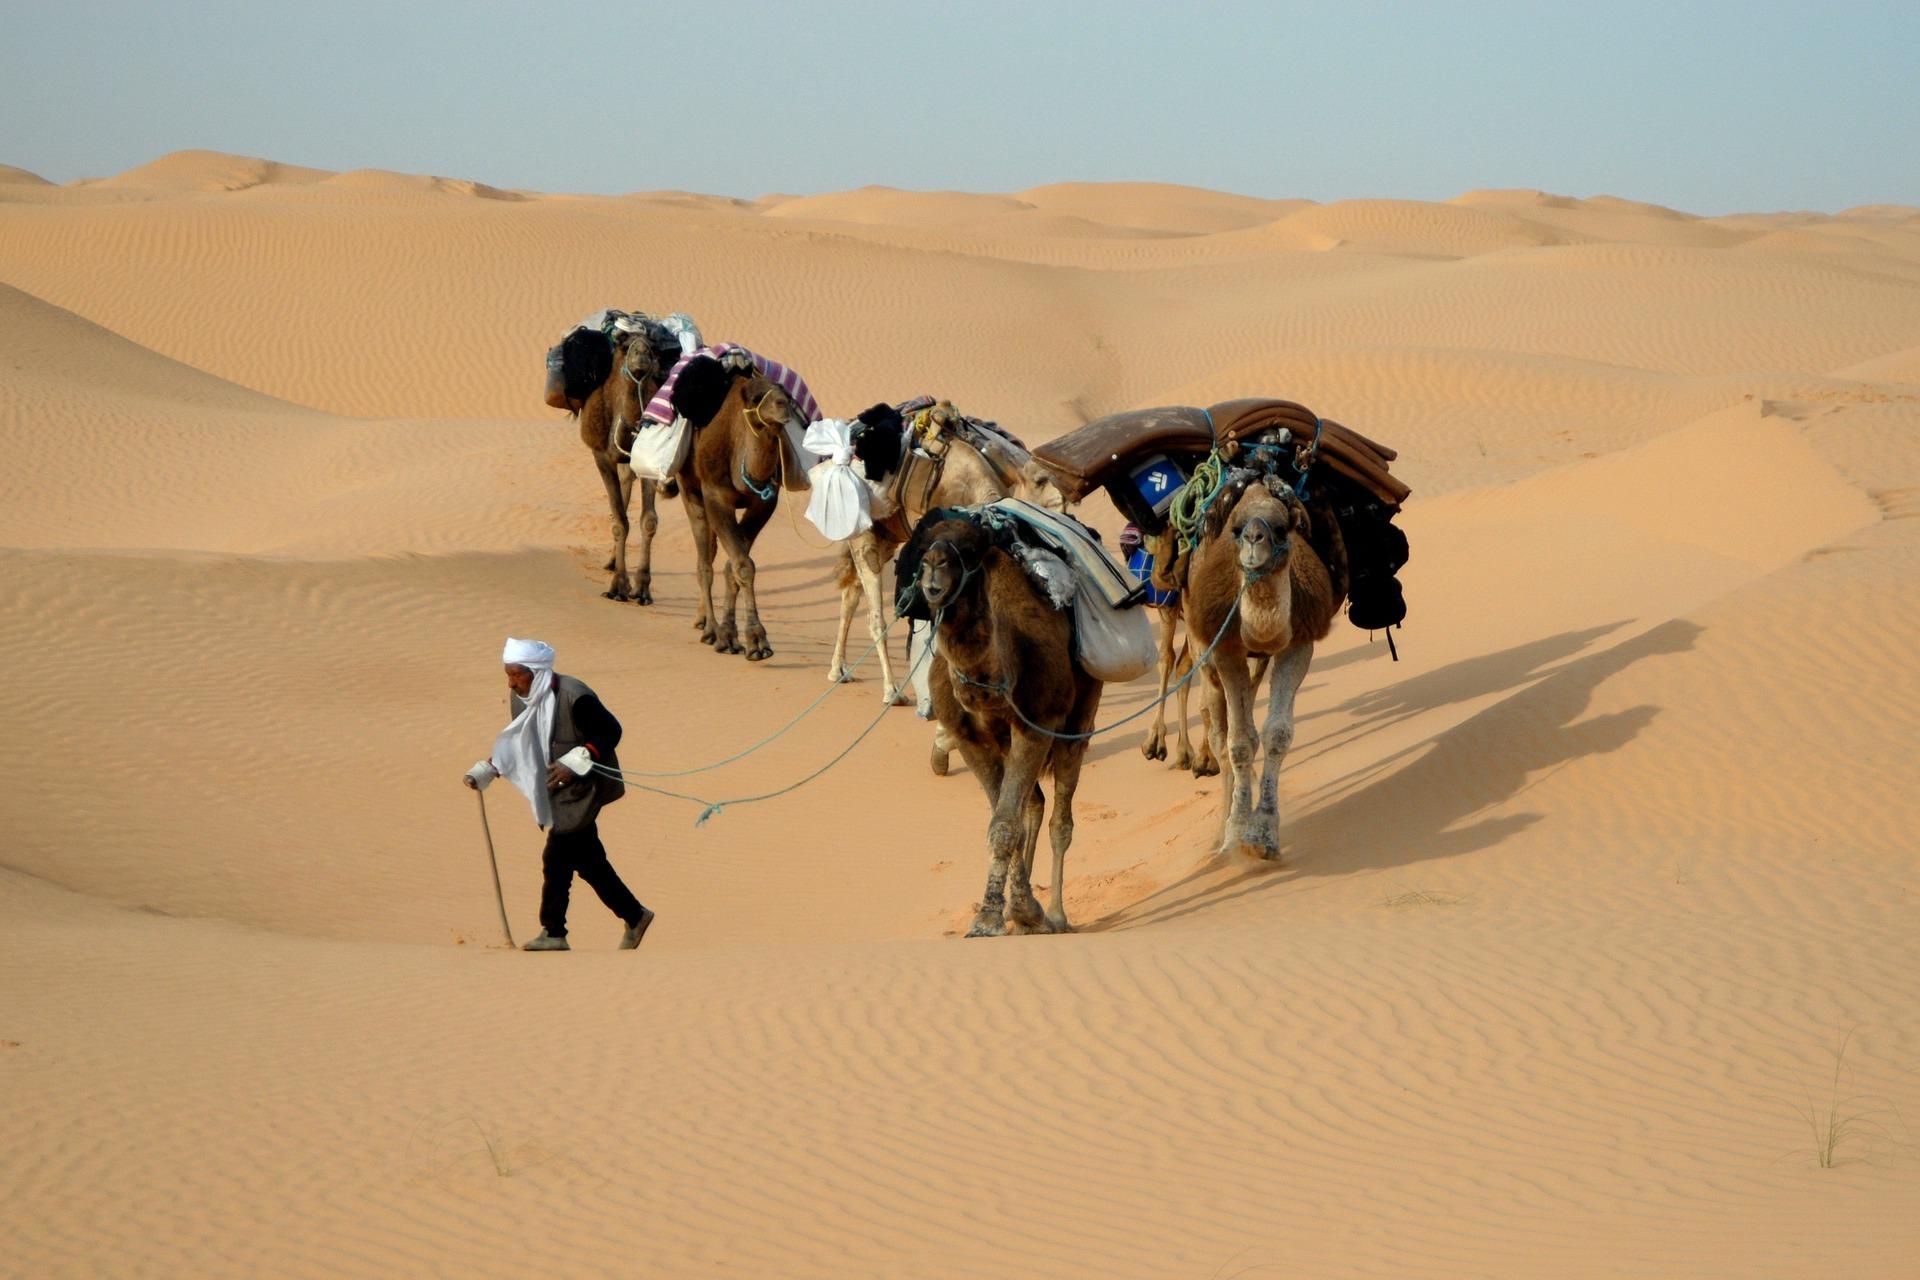 Dromedartrekking durch die nordafrikanische Wüste ist bei Touristen sehr beliebt.